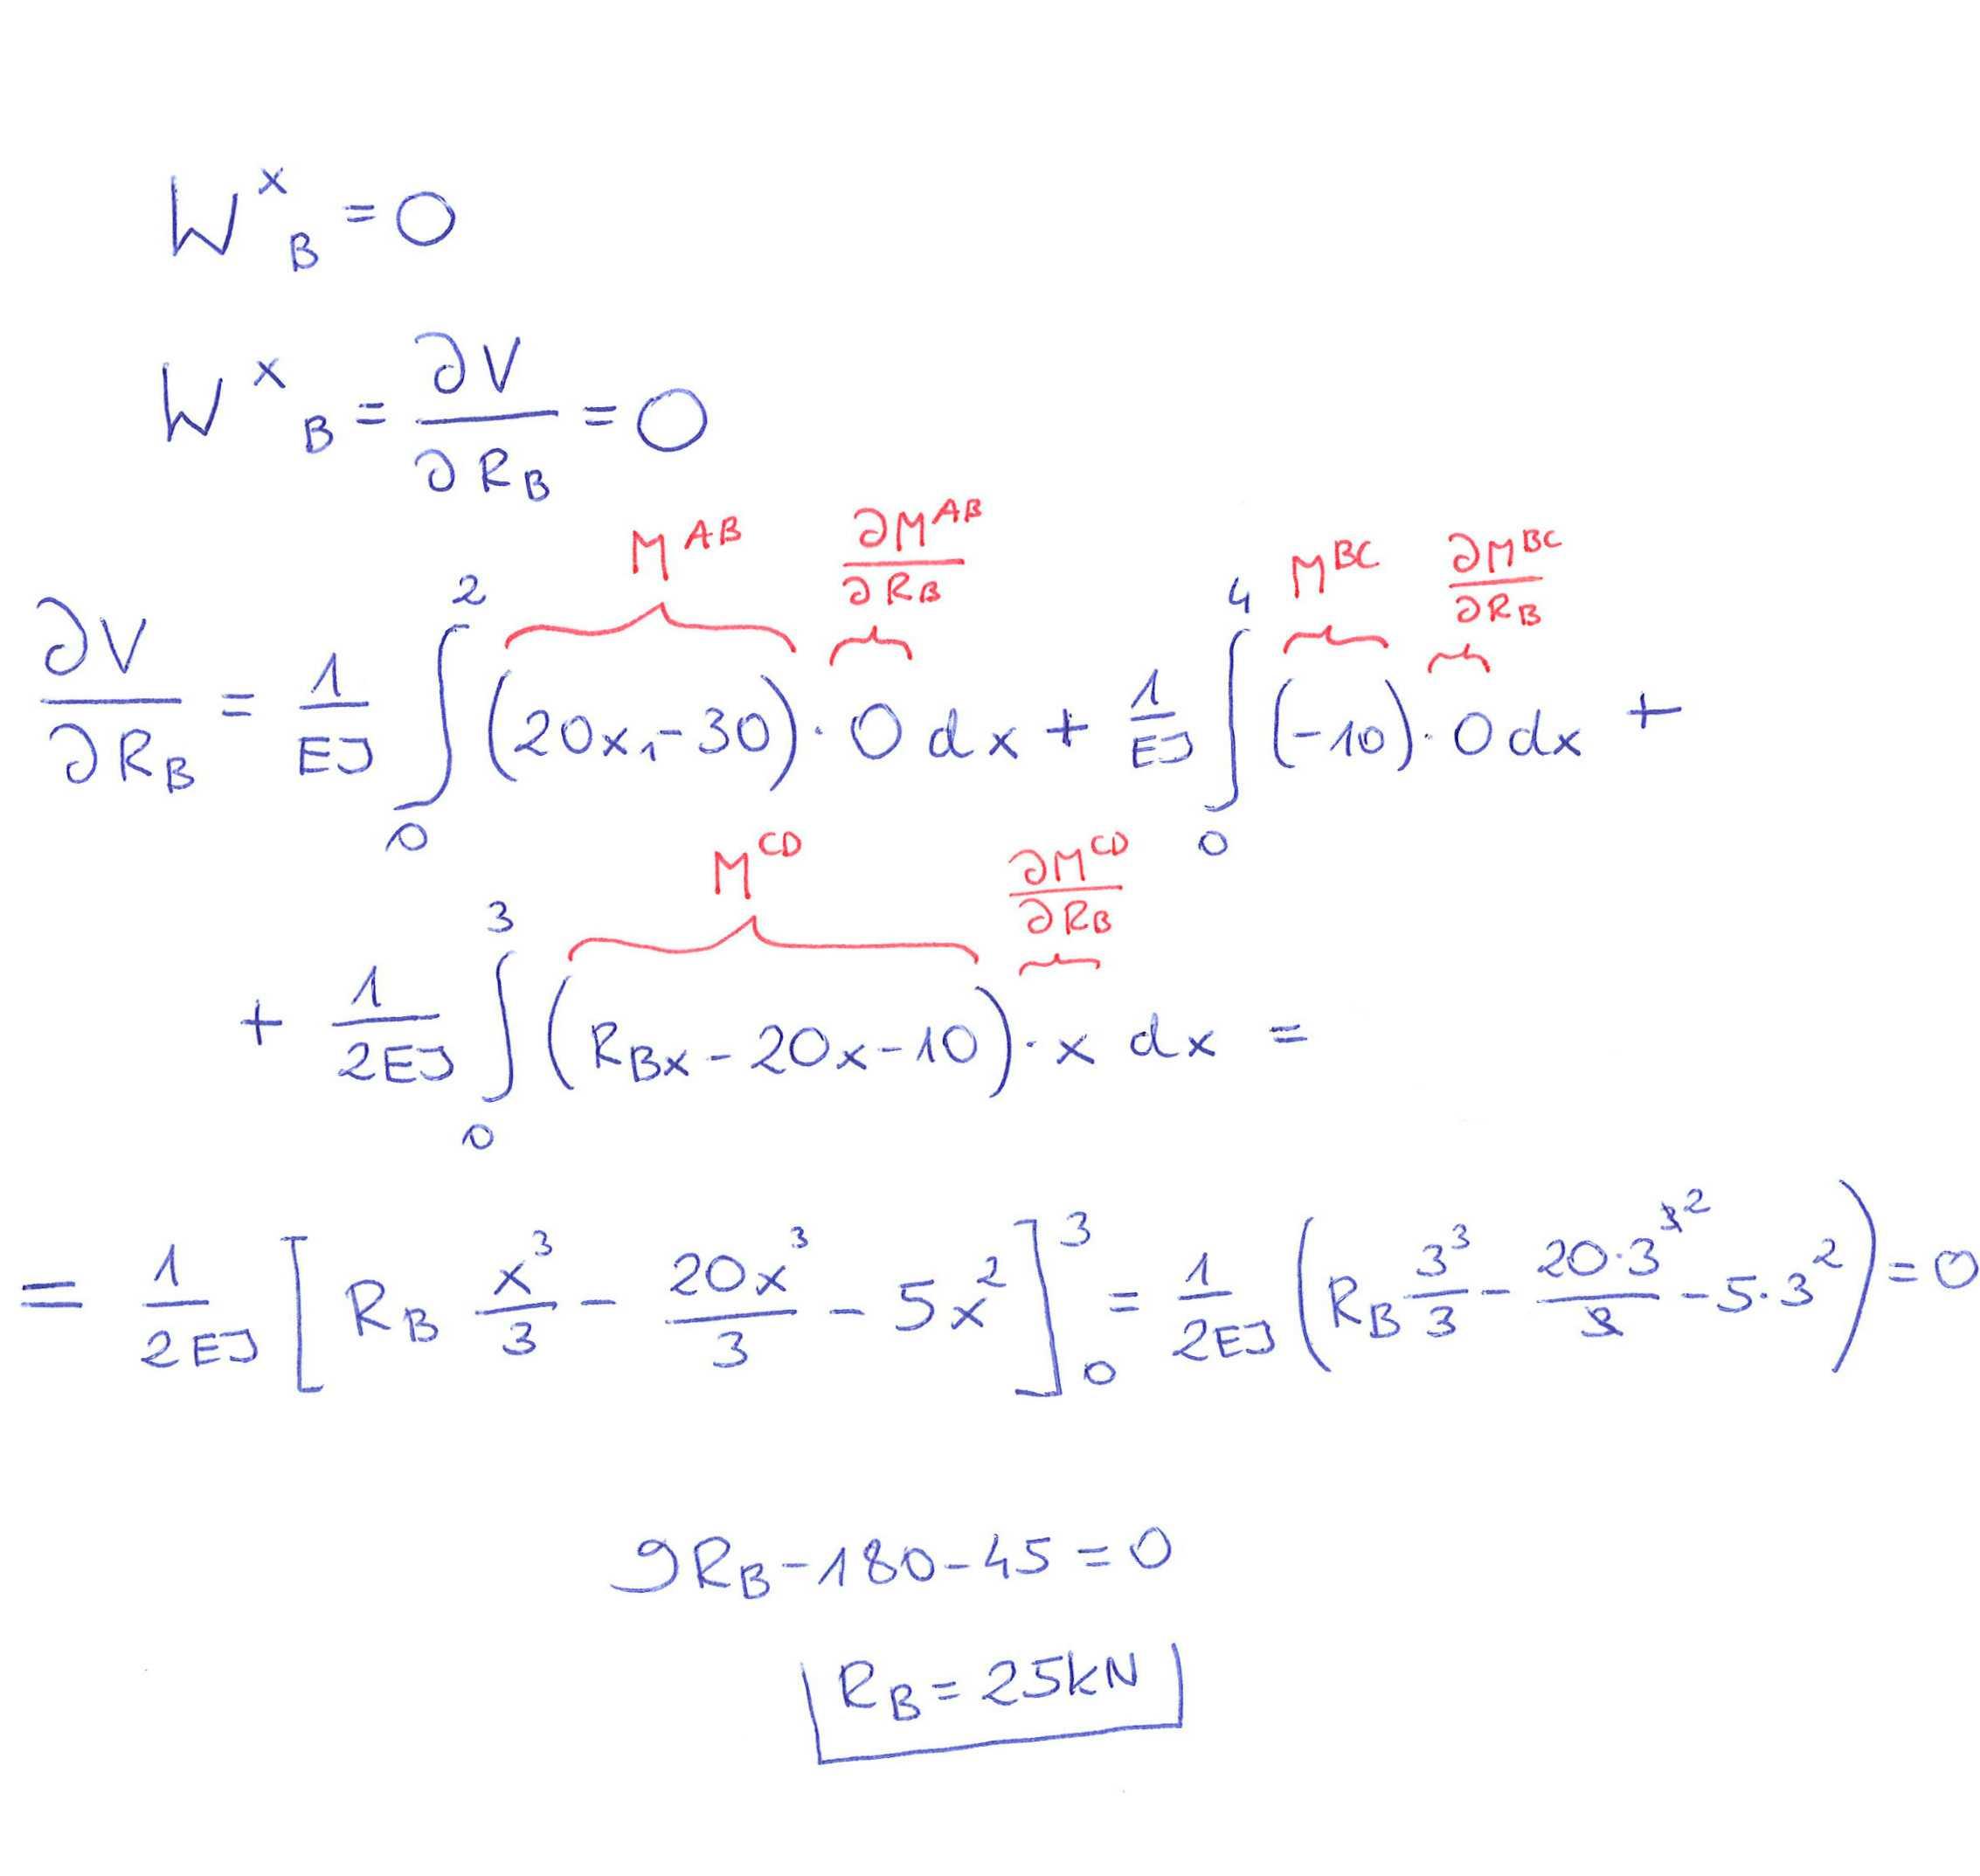 całkowanie funkcji momentów gnących twierdzenie Menabrei